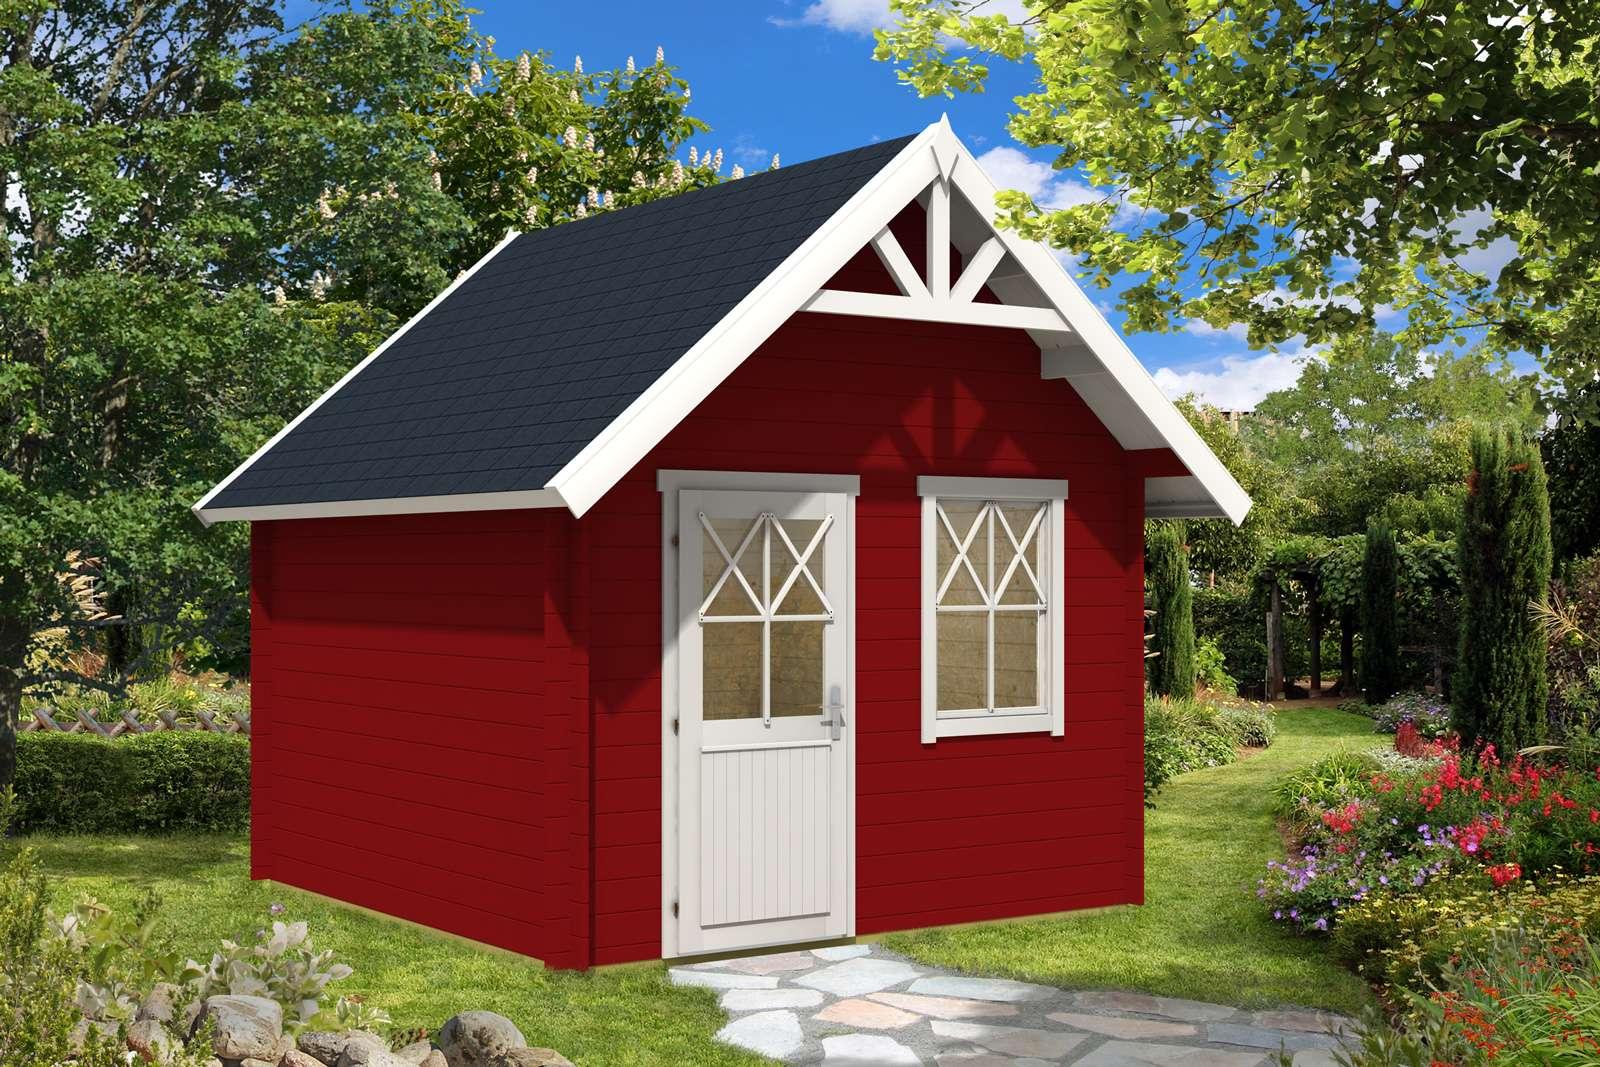 Schwedenhaus farben bedeutung  Schwedenhaus 44 ISO - A-Z Gartenhaus GmbH